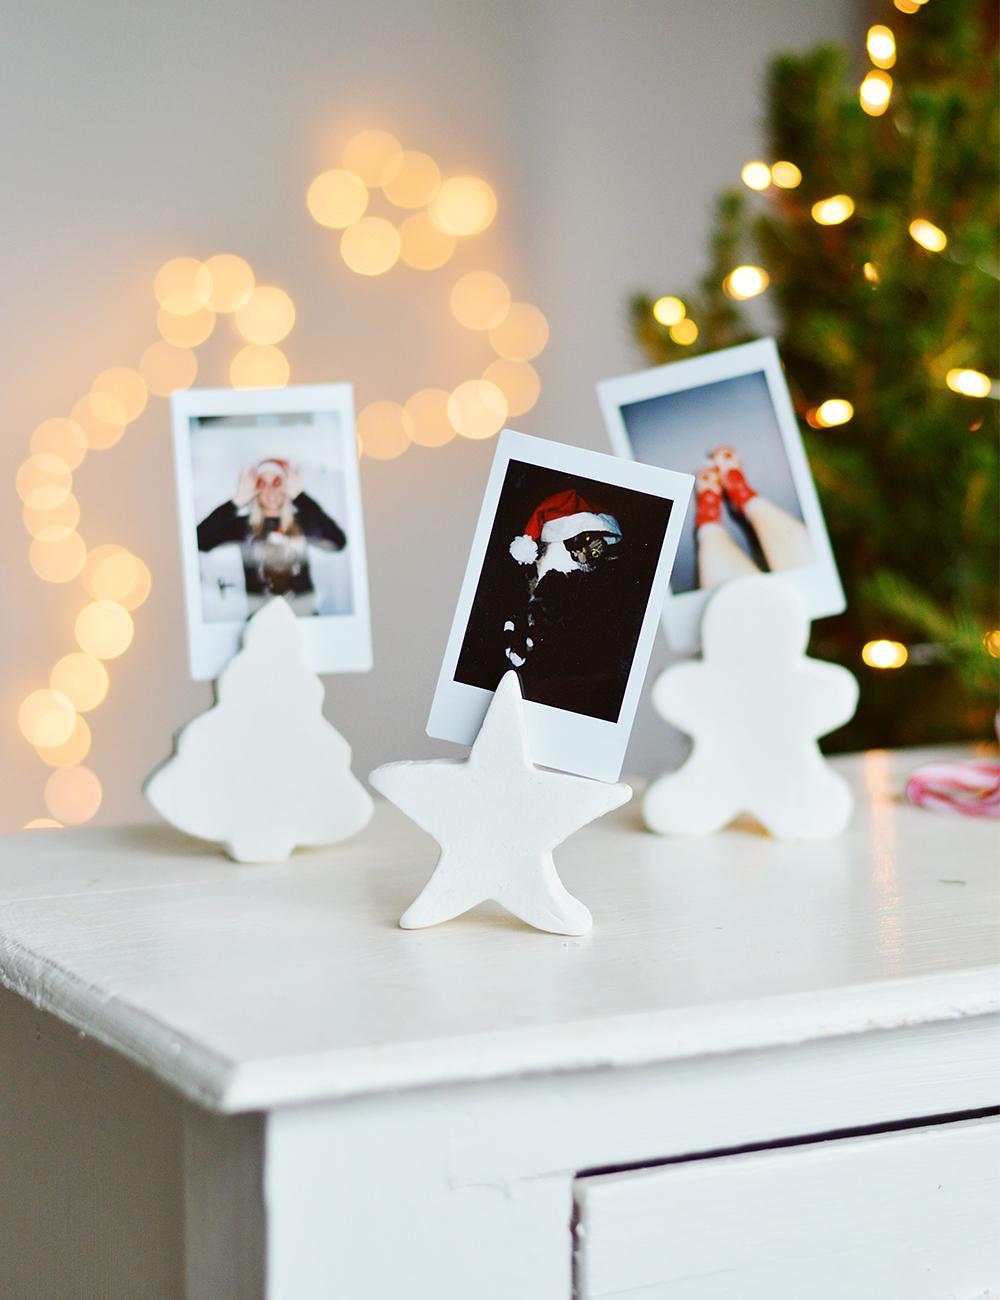 DIY Weihnachtsgeschenke: Freak Shakes und Fotohalter